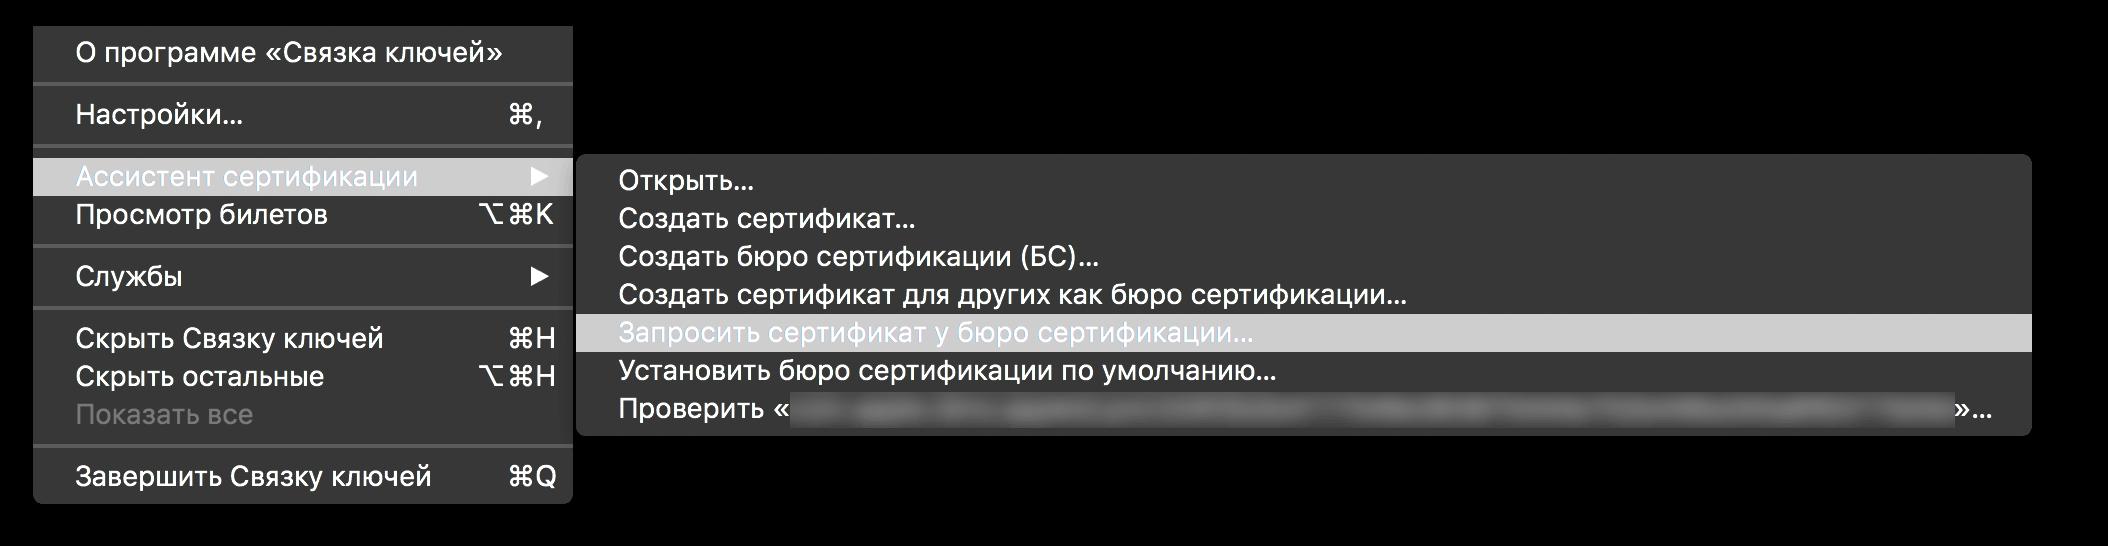 Как сделать Push уведомления в браузере Safari на macOS - 7